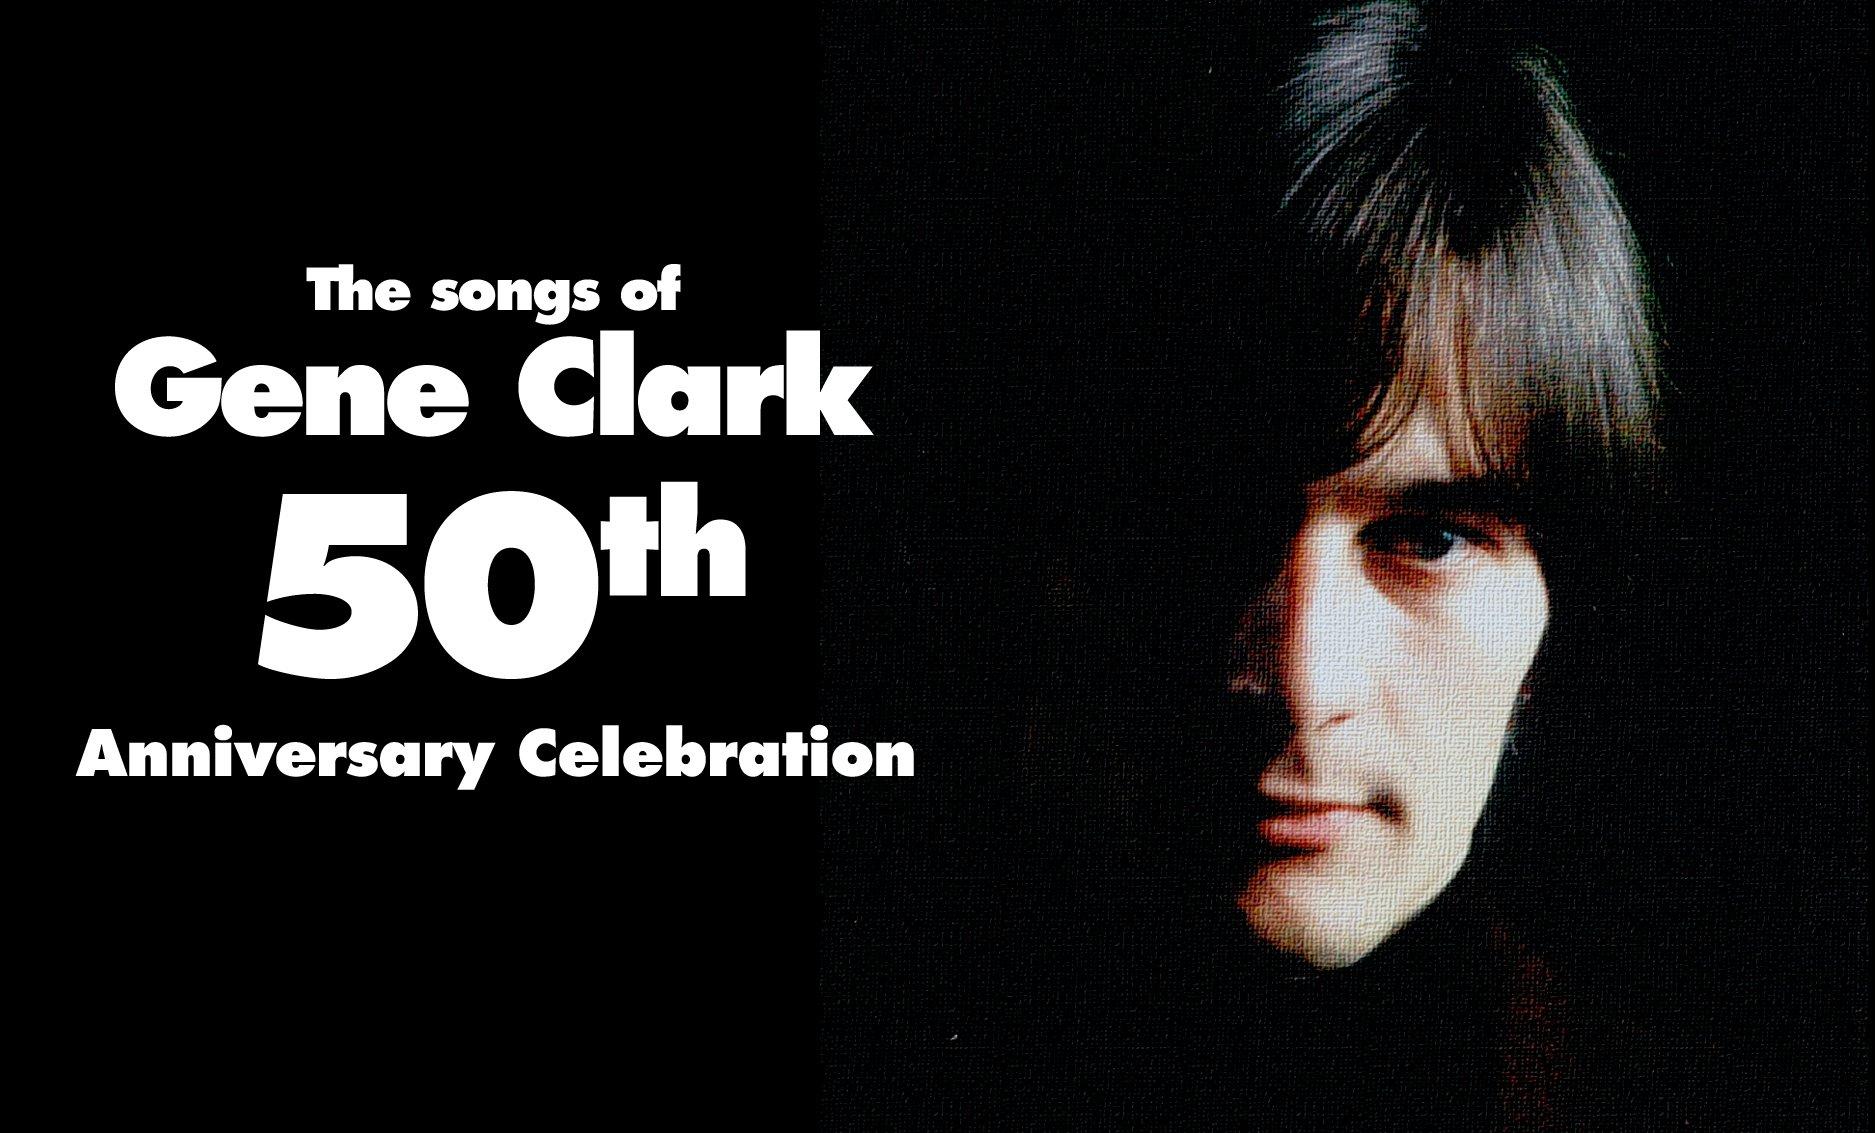 The Songs of Gene Clark